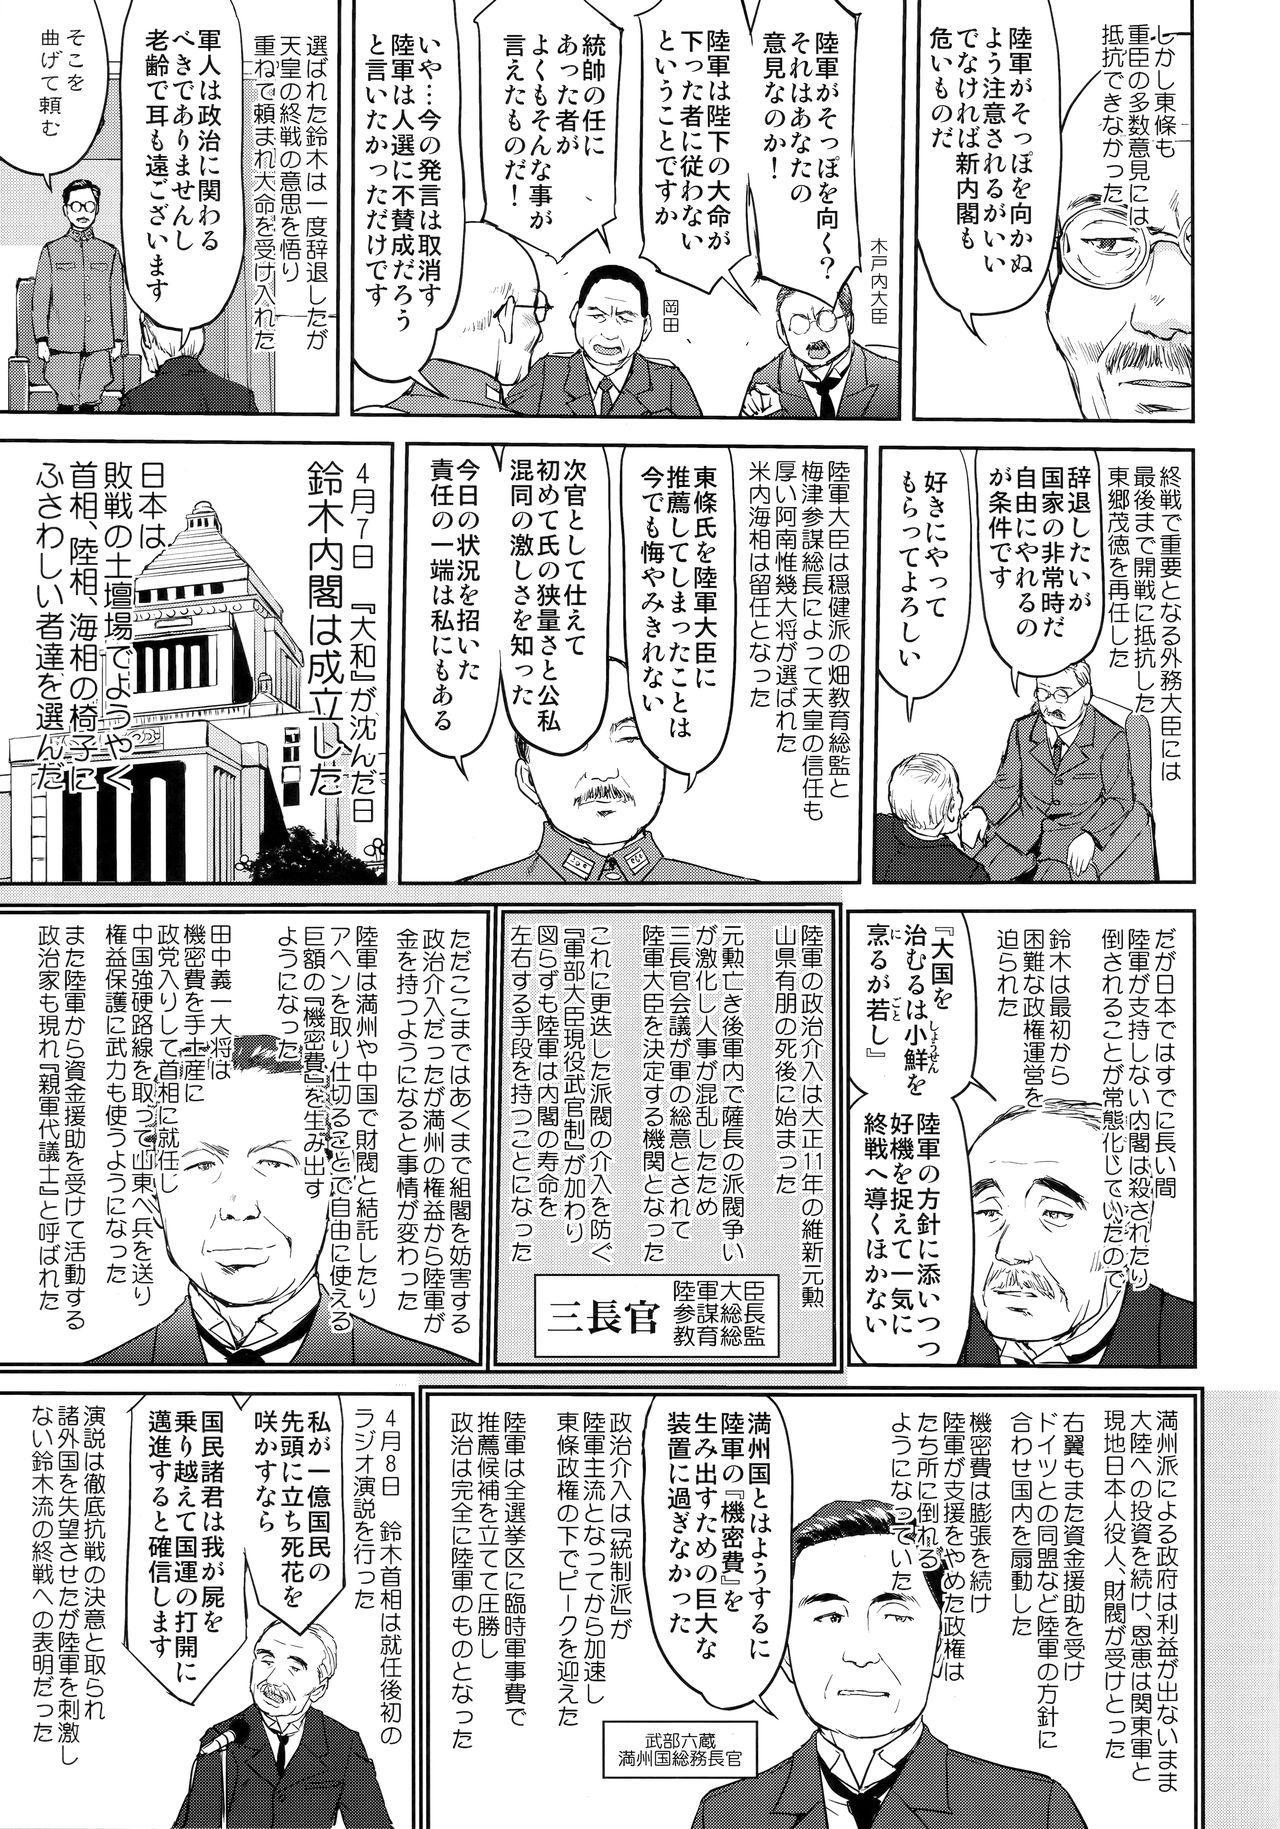 Teitoku no Ketsudan Kanmusu no Ichiban Nagai Hi 19